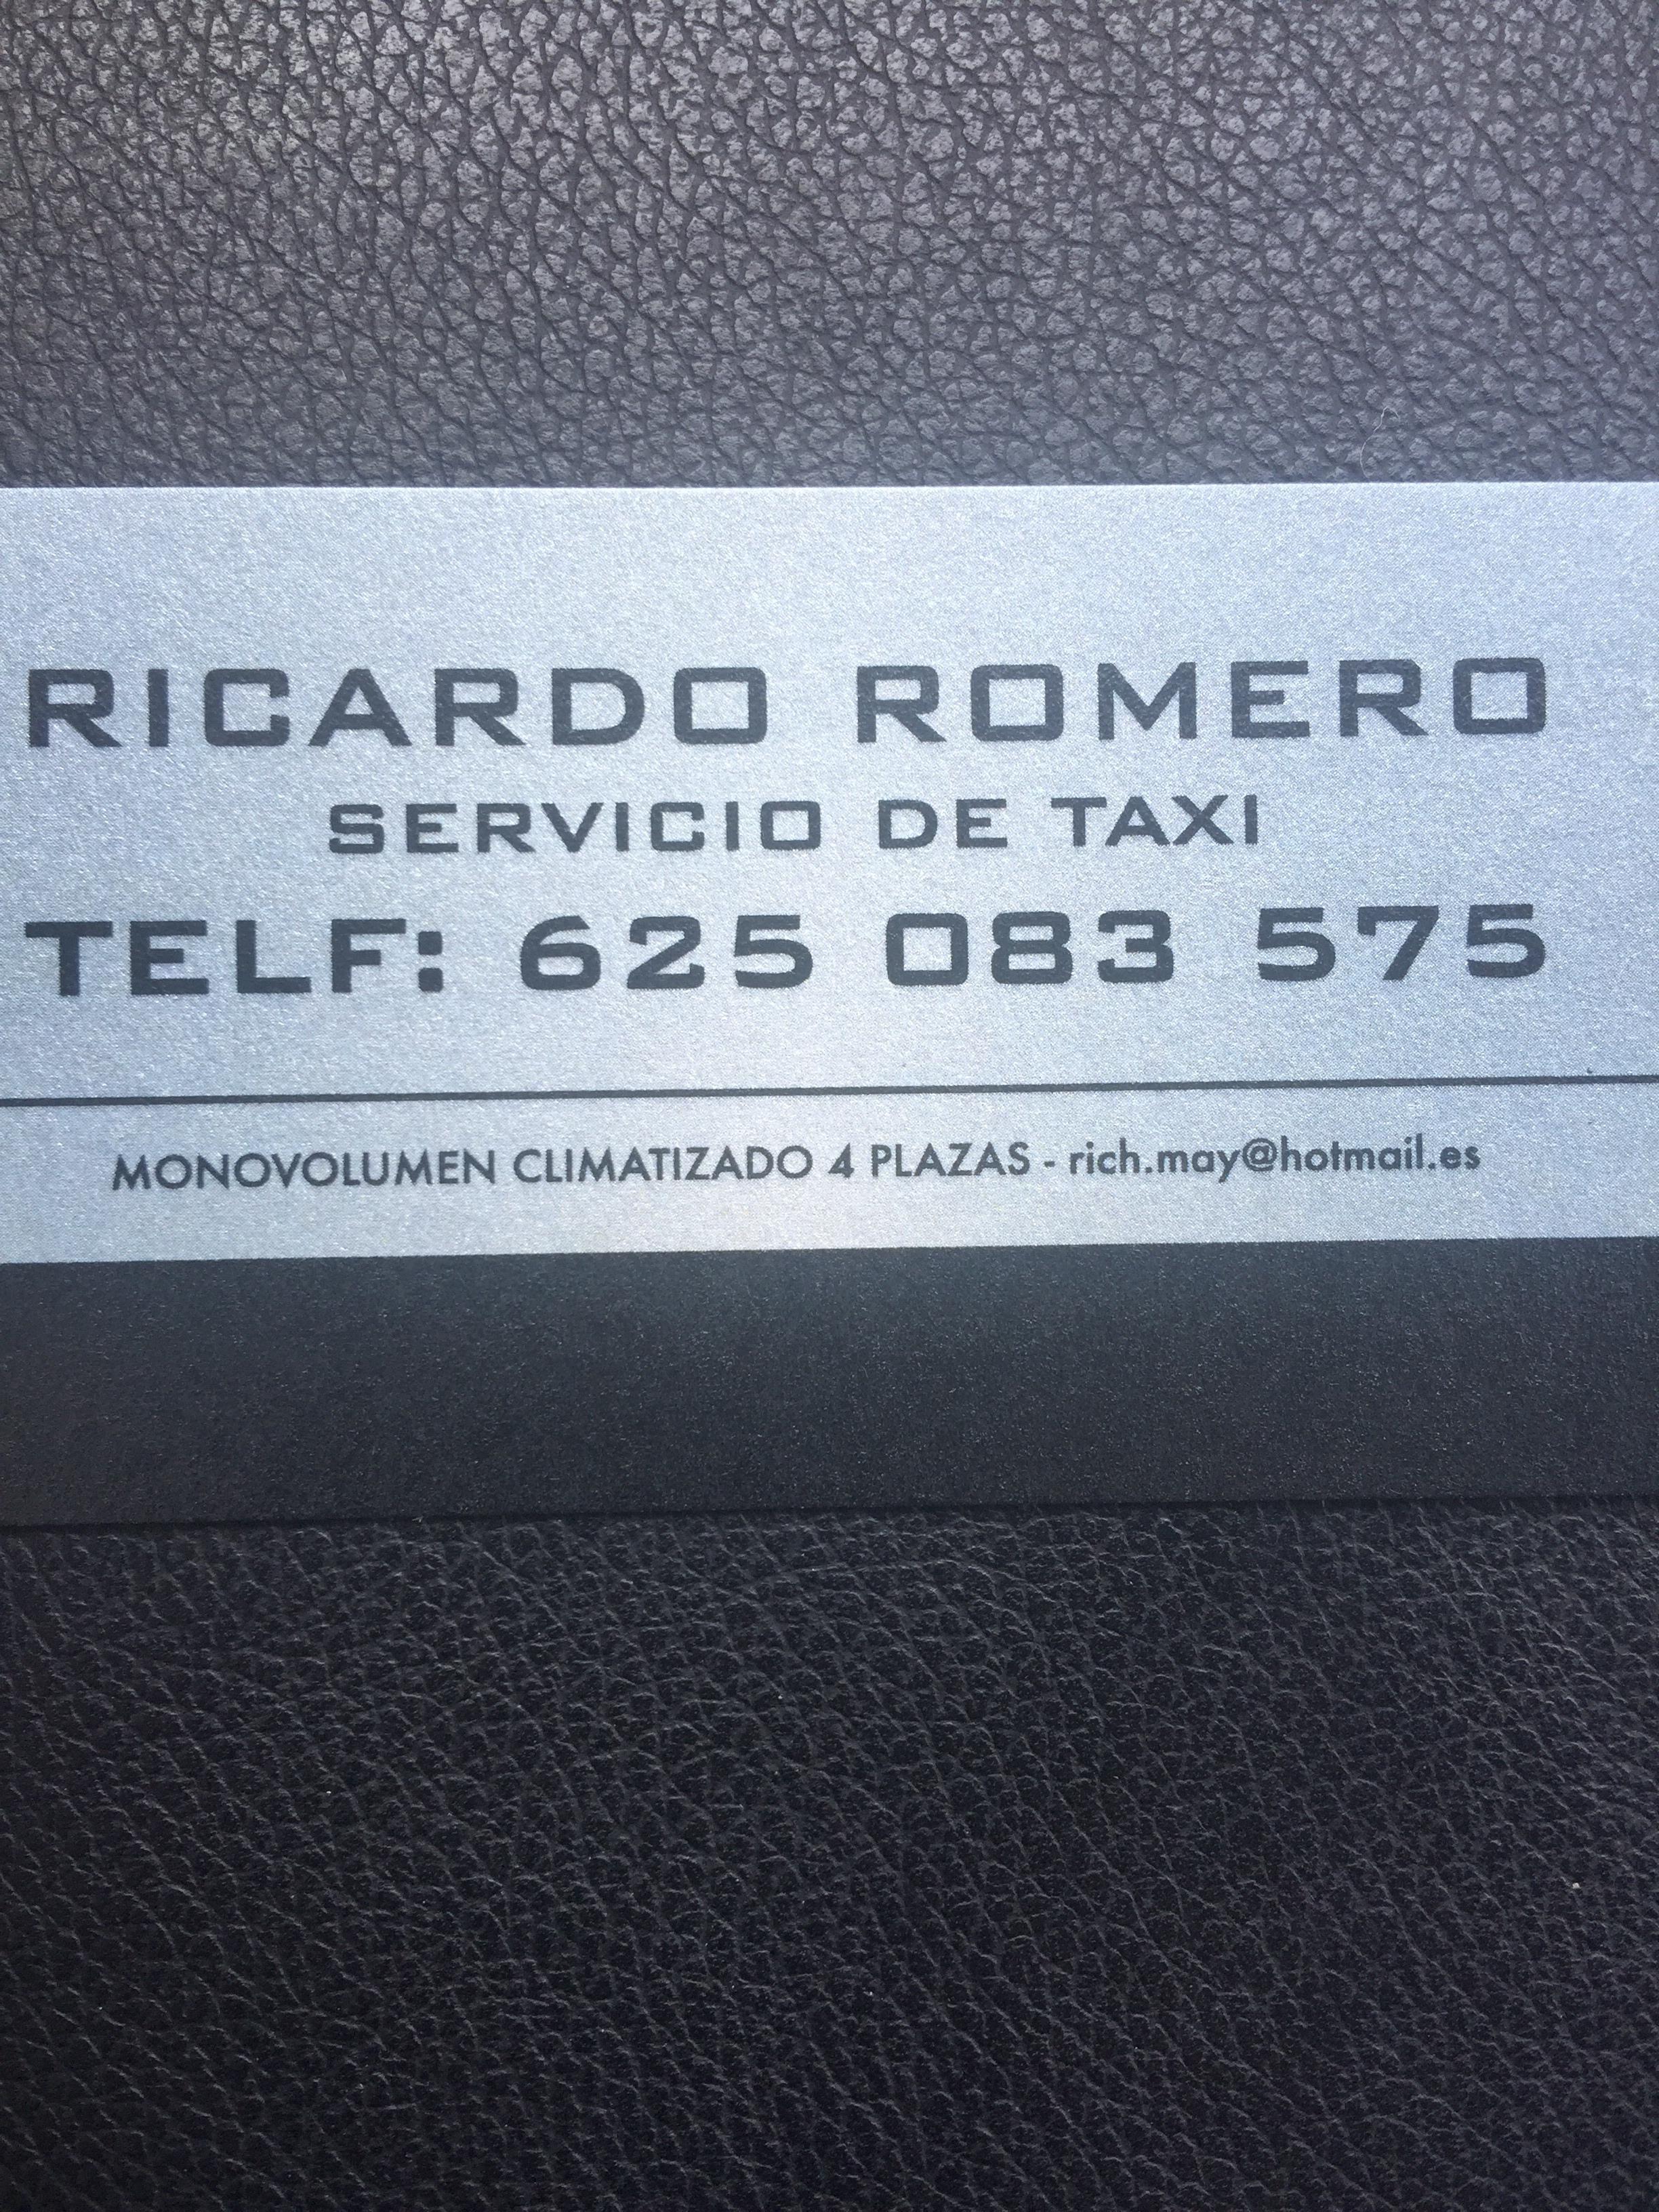 RICARDO ROMERO ALIAGA